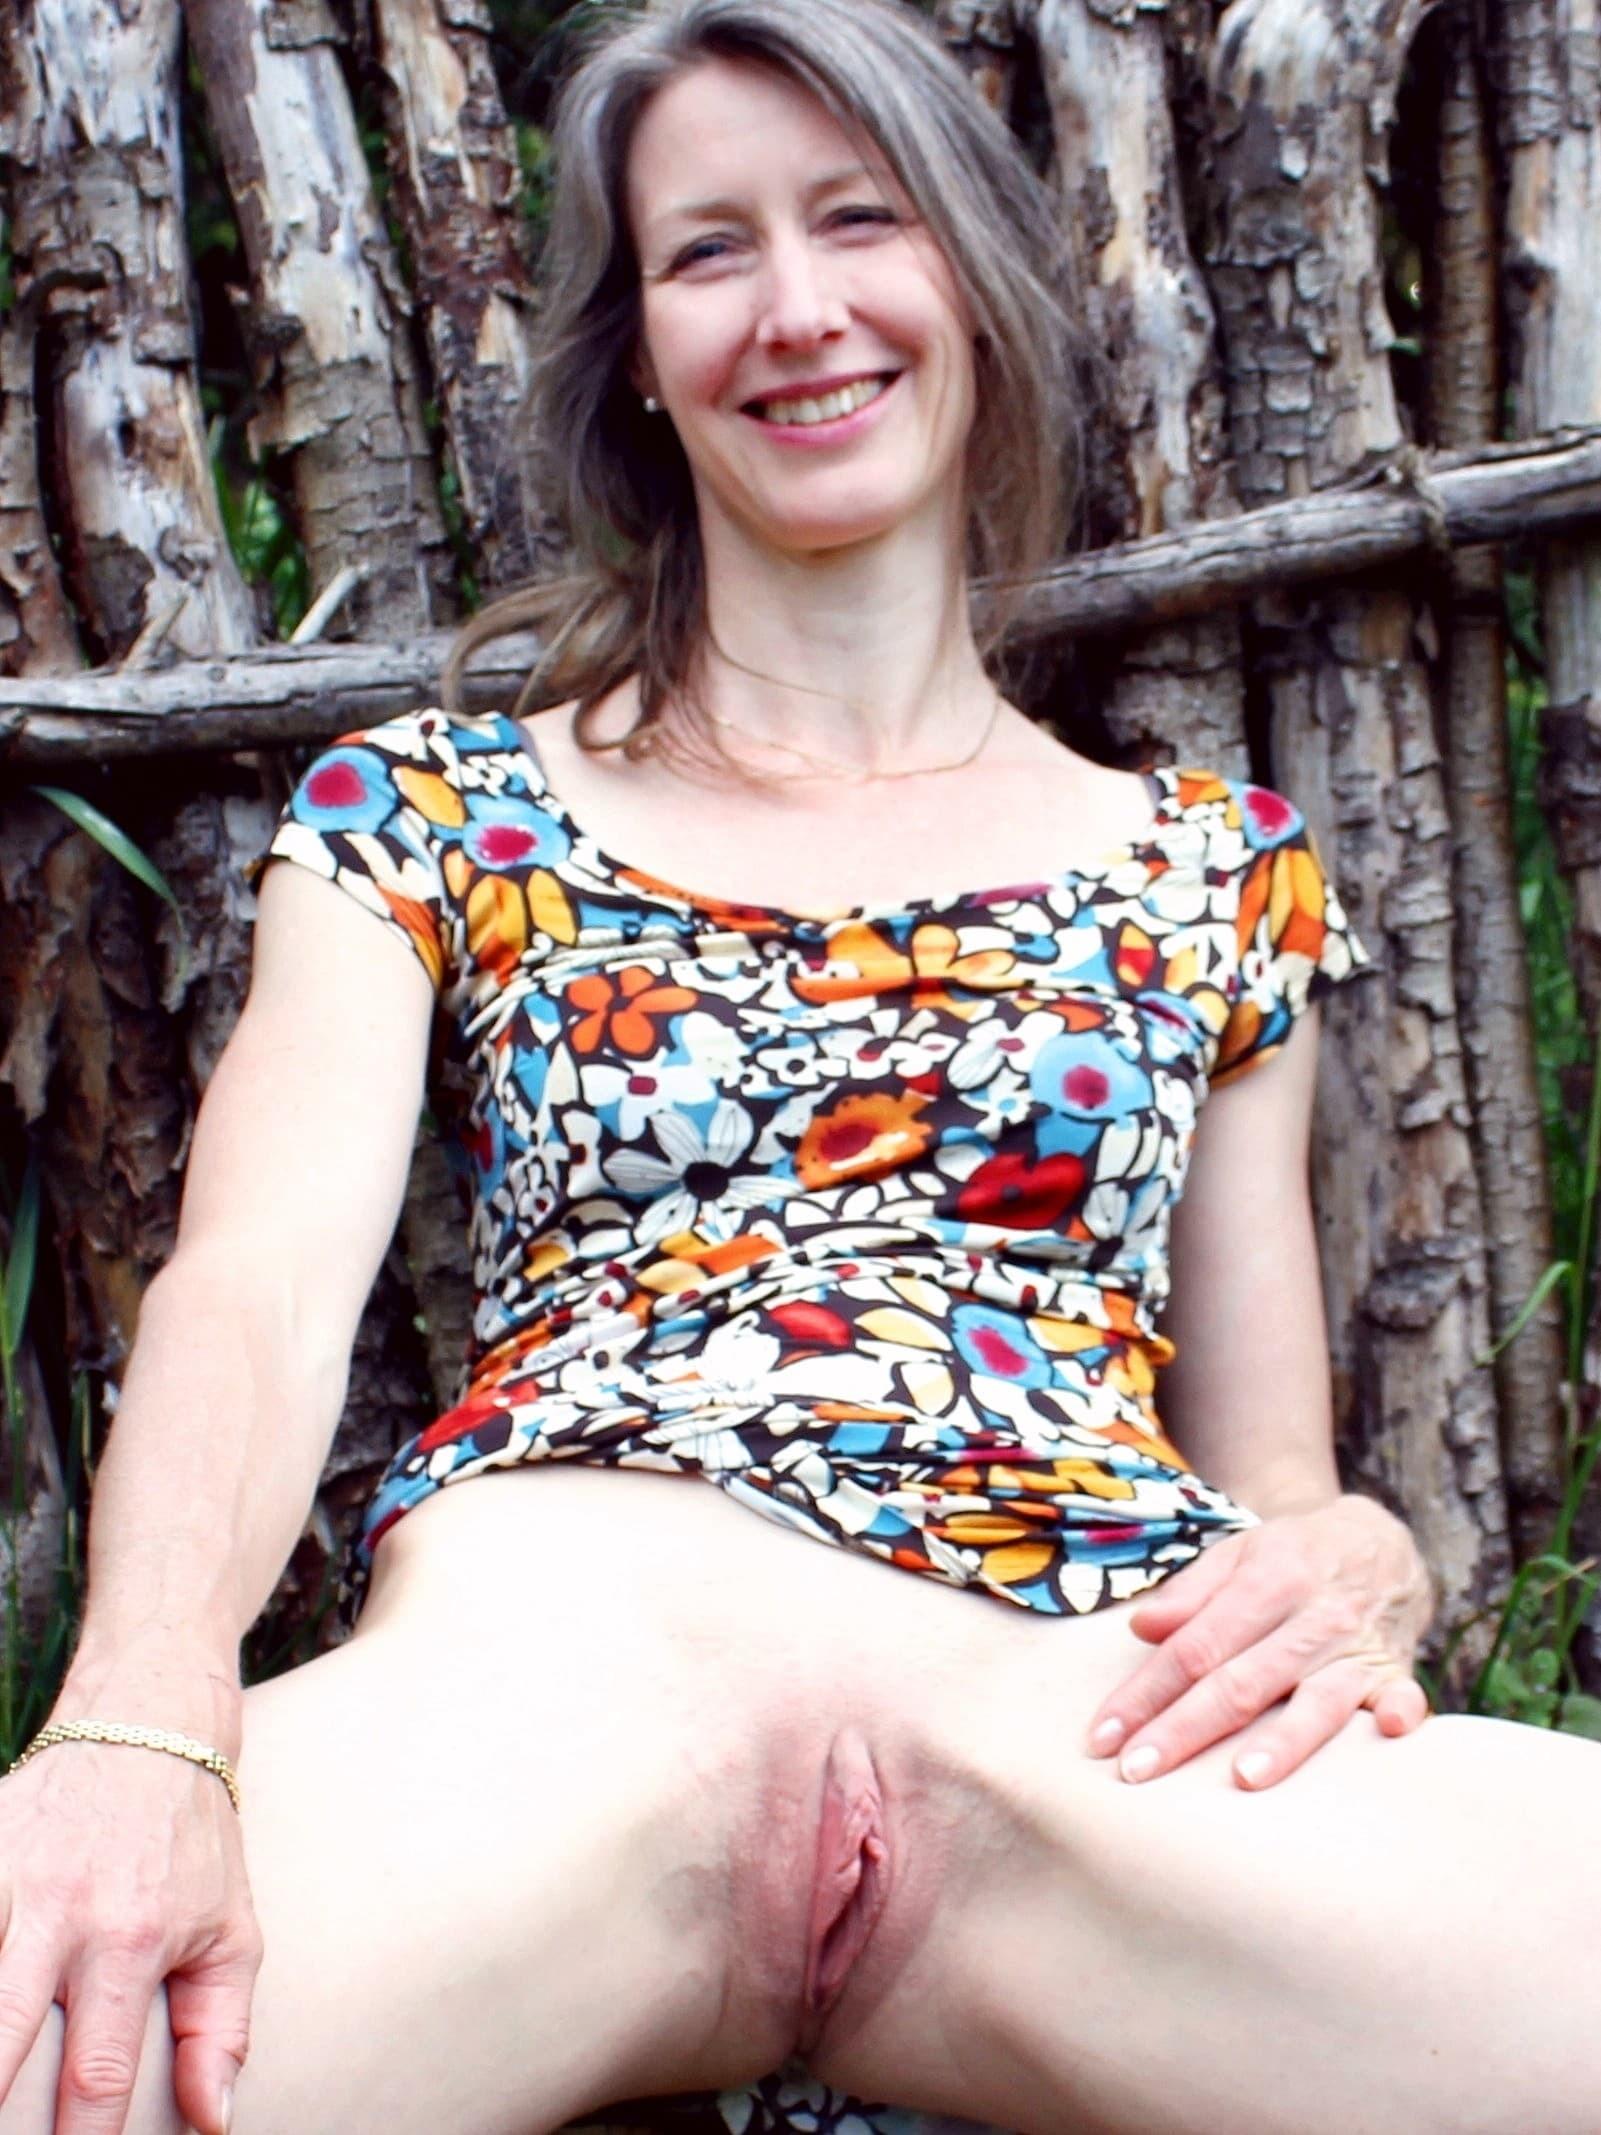 Взрослая жена с бритой пиздой в саду - фото